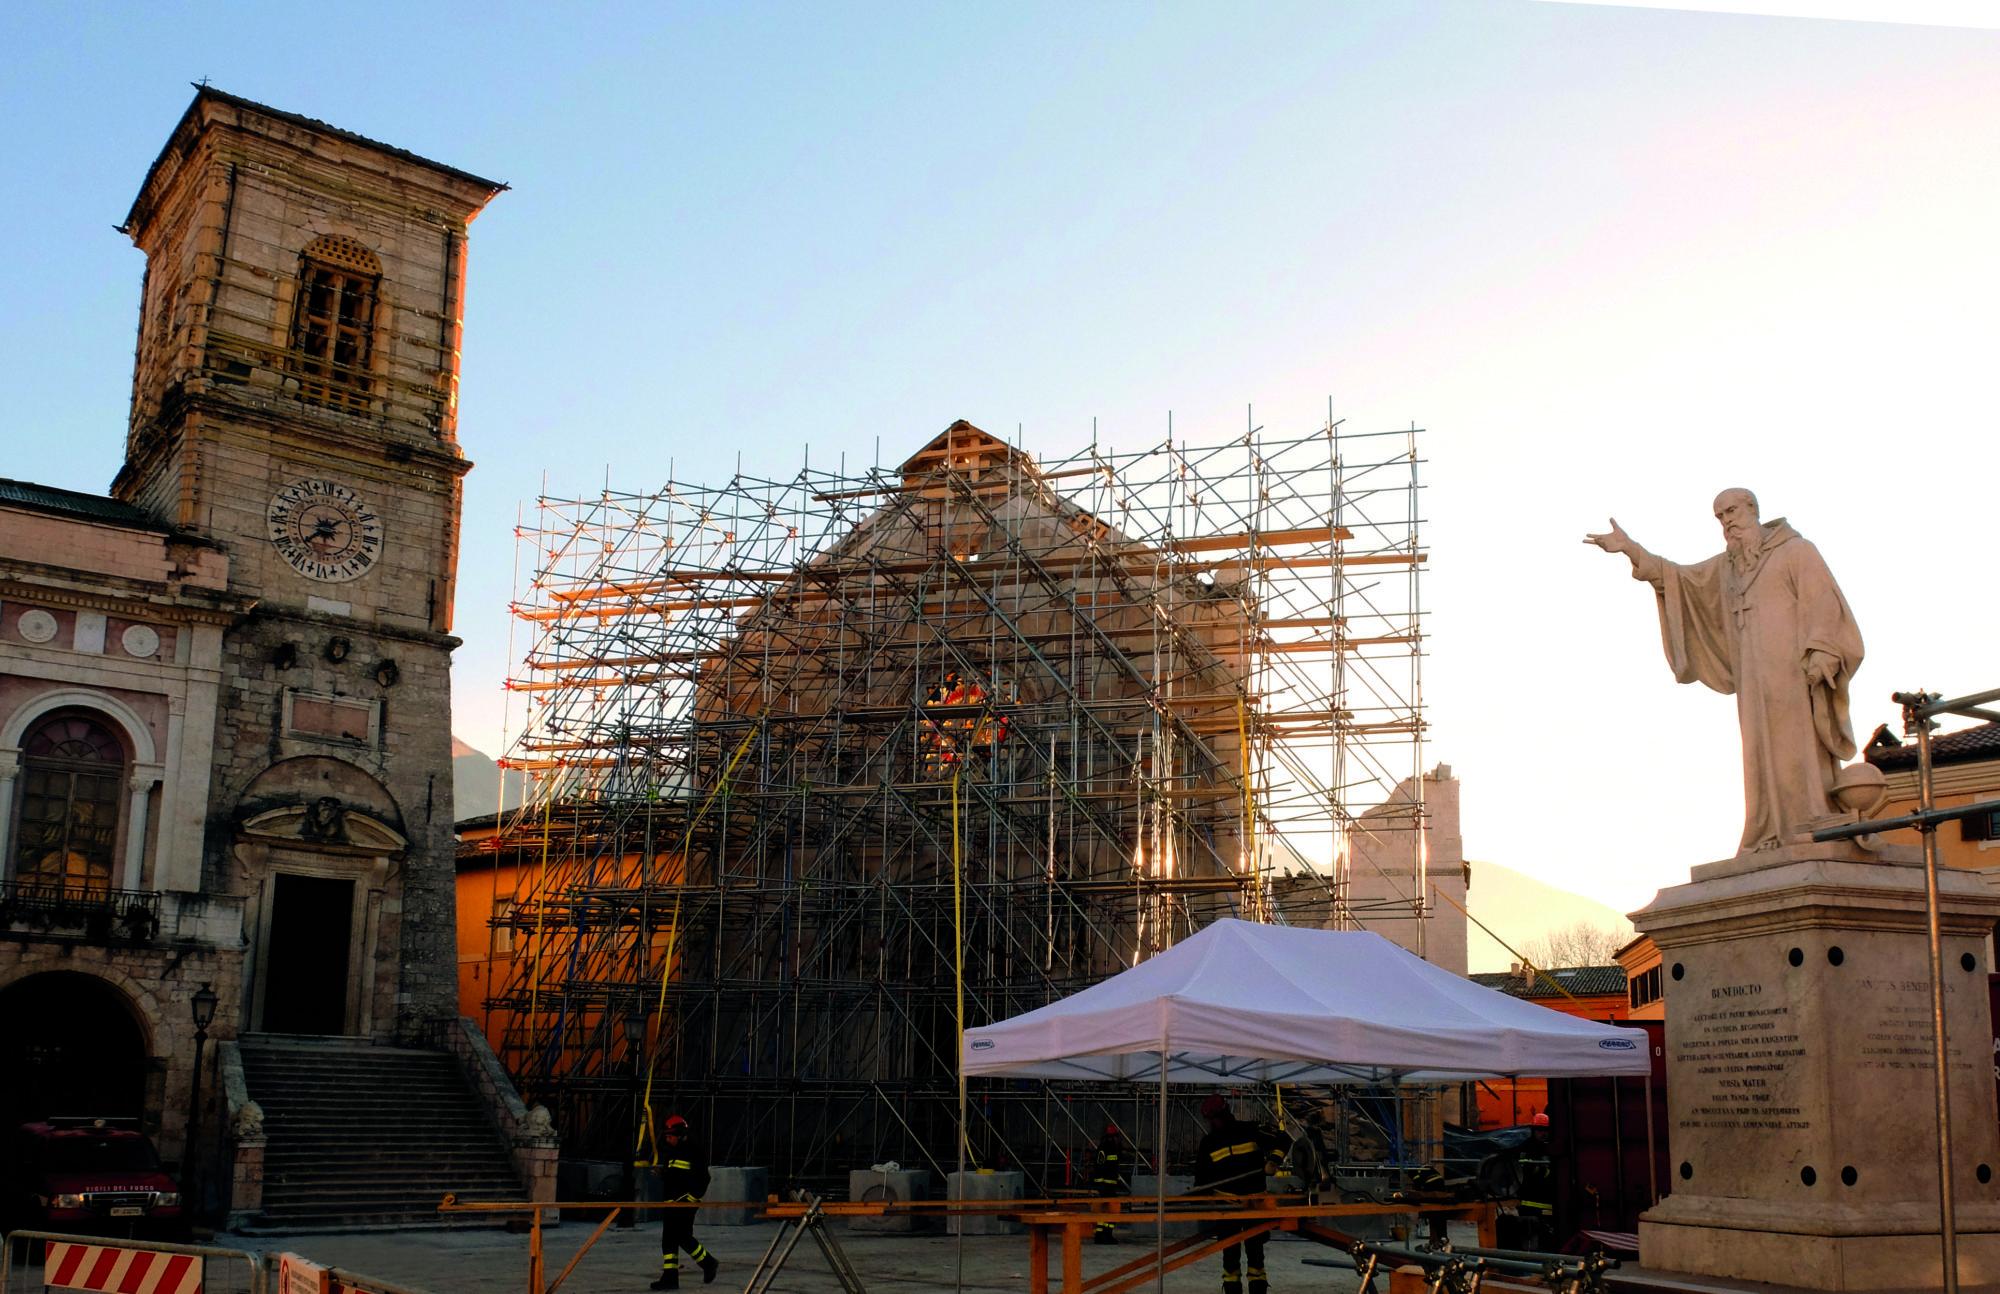 Immagine della Piazza principale di Norcia distrutta dal terremoto